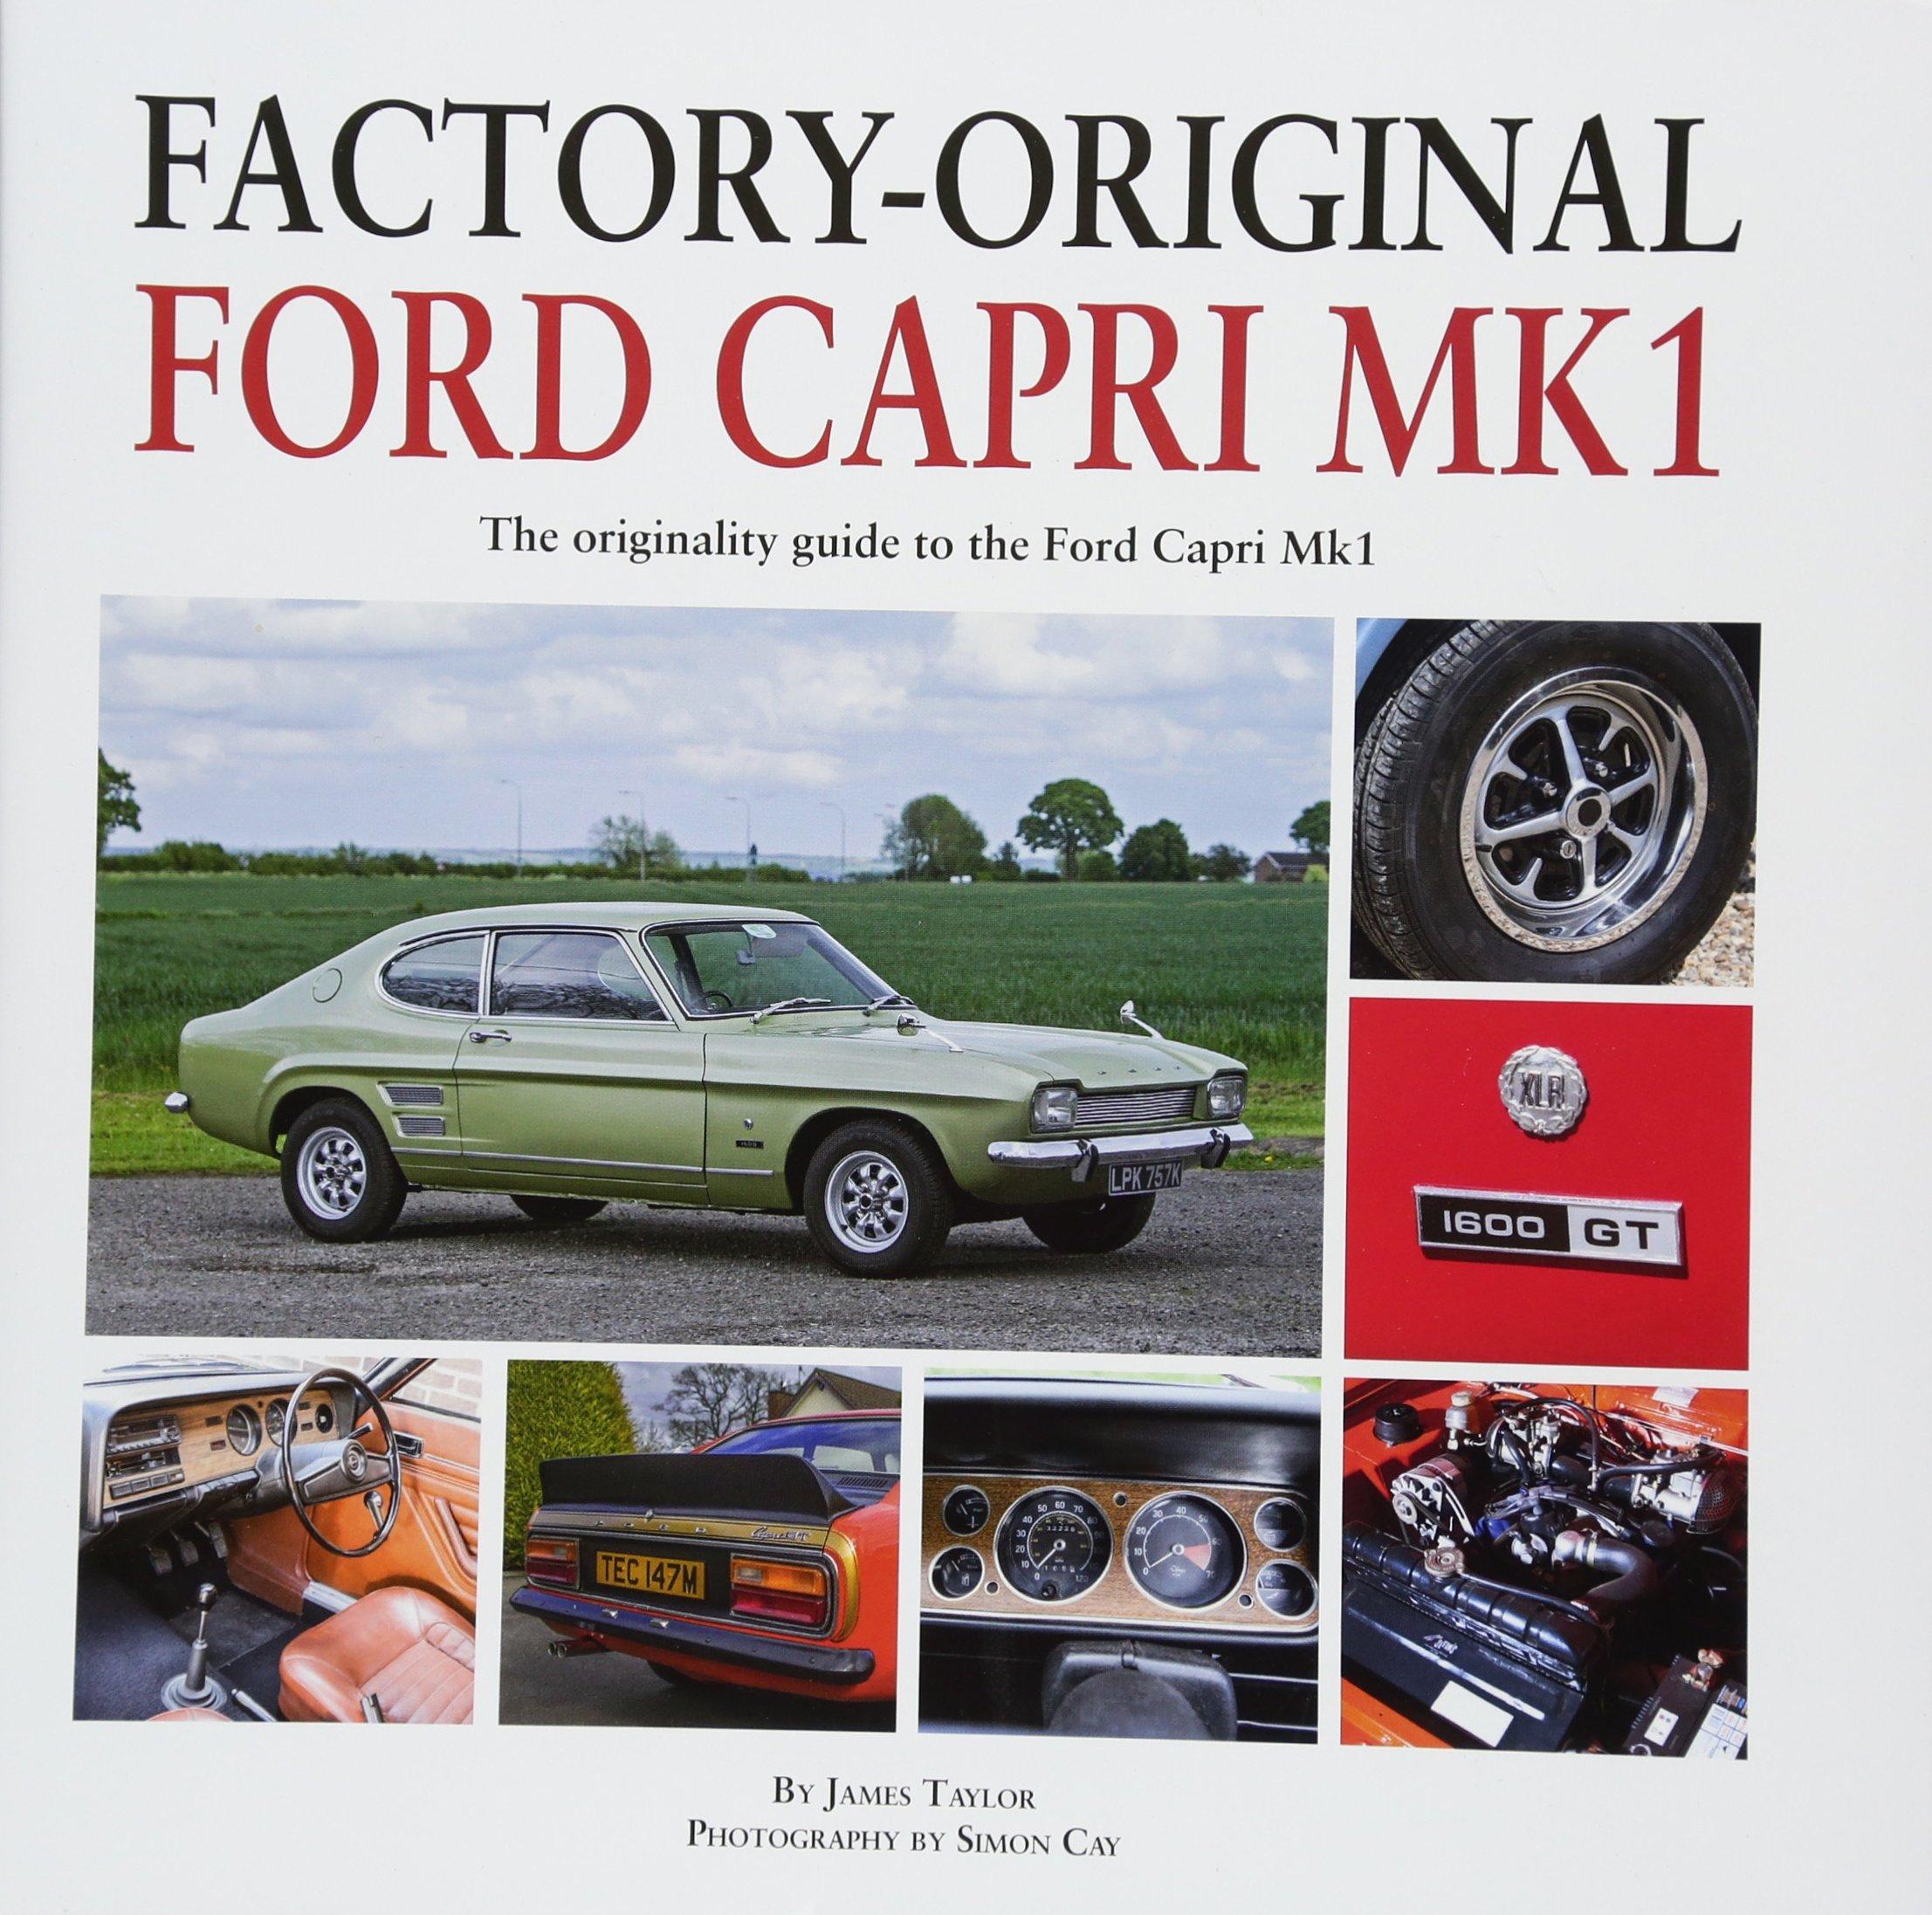 Factory-Original Ford Capri Mk1